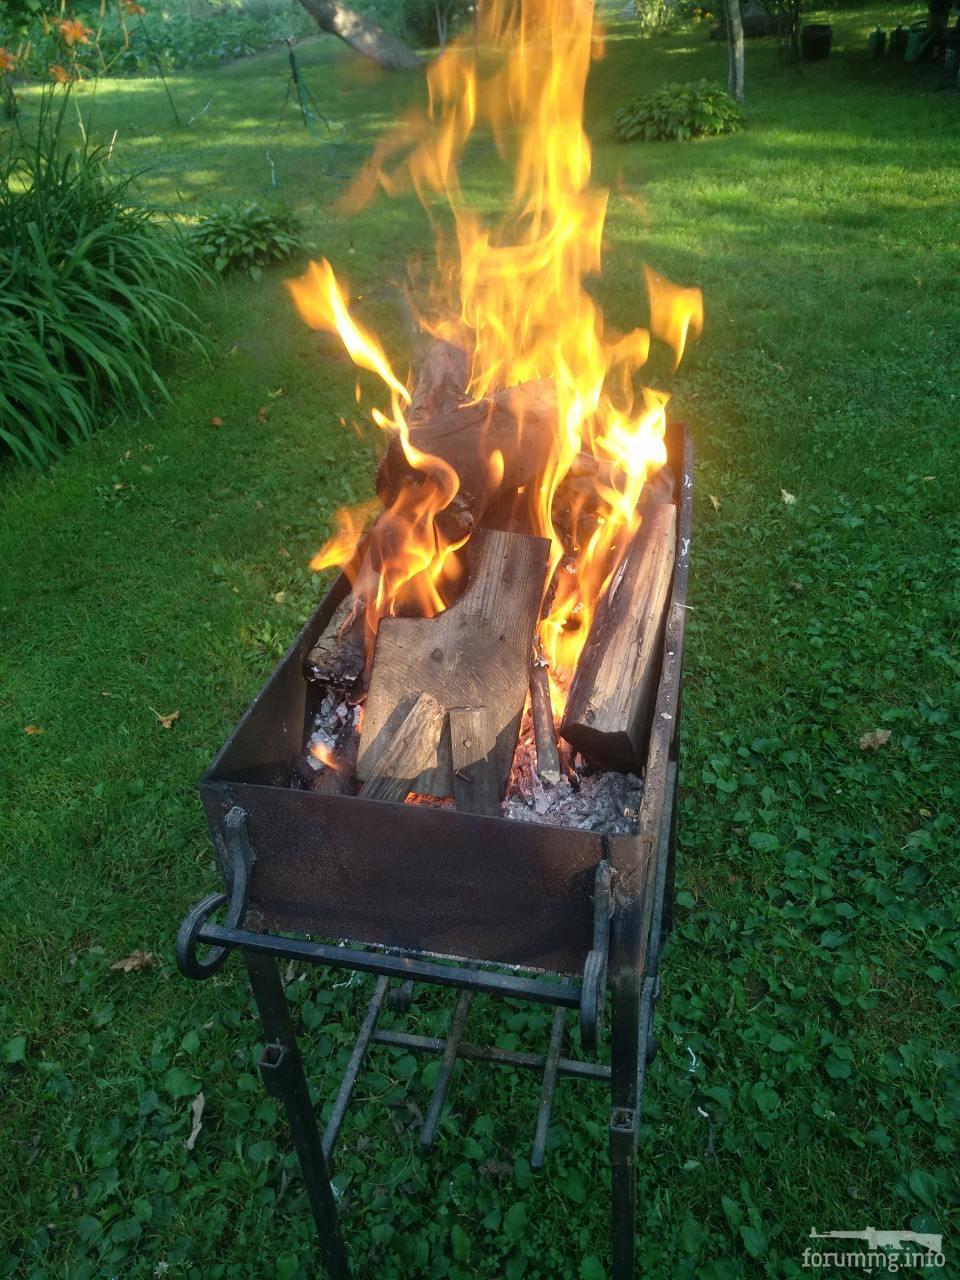 134856 - Закуски на огне (мангал, барбекю и т.д.) и кулинария вообще. Советы и рецепты.